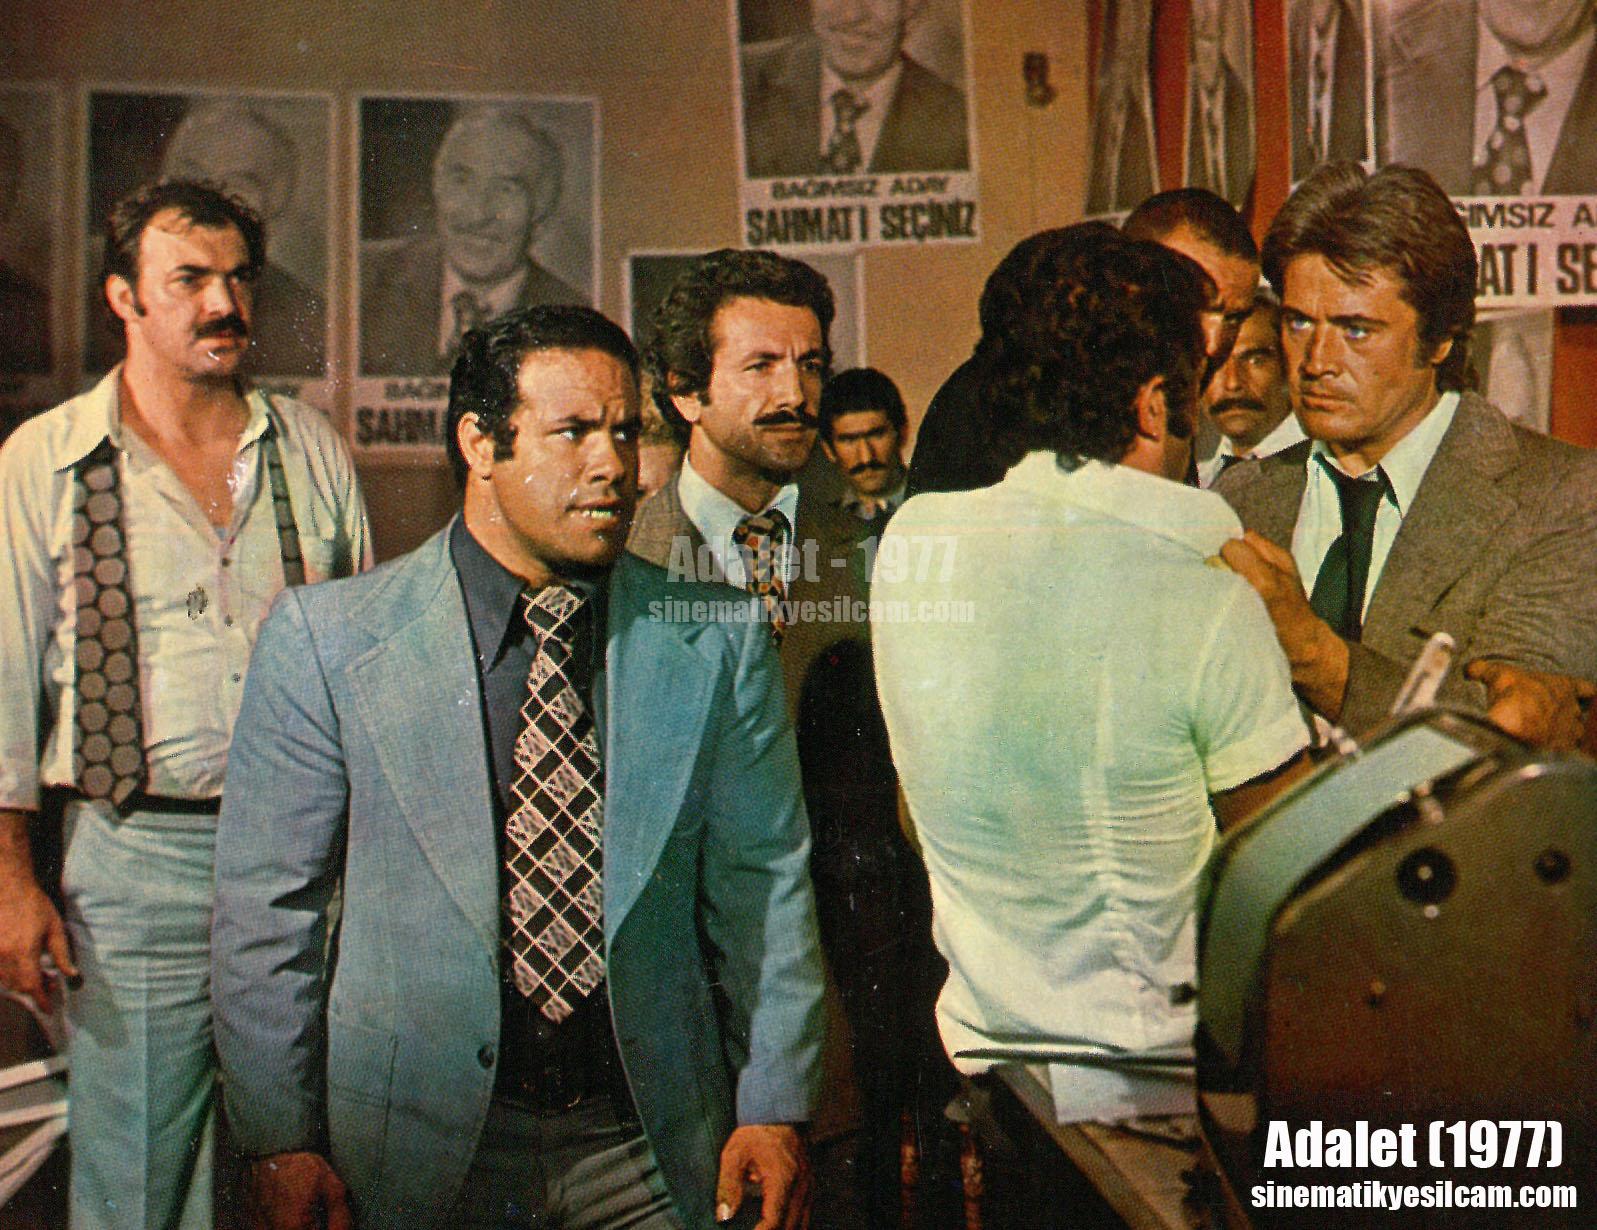 adalet 1977